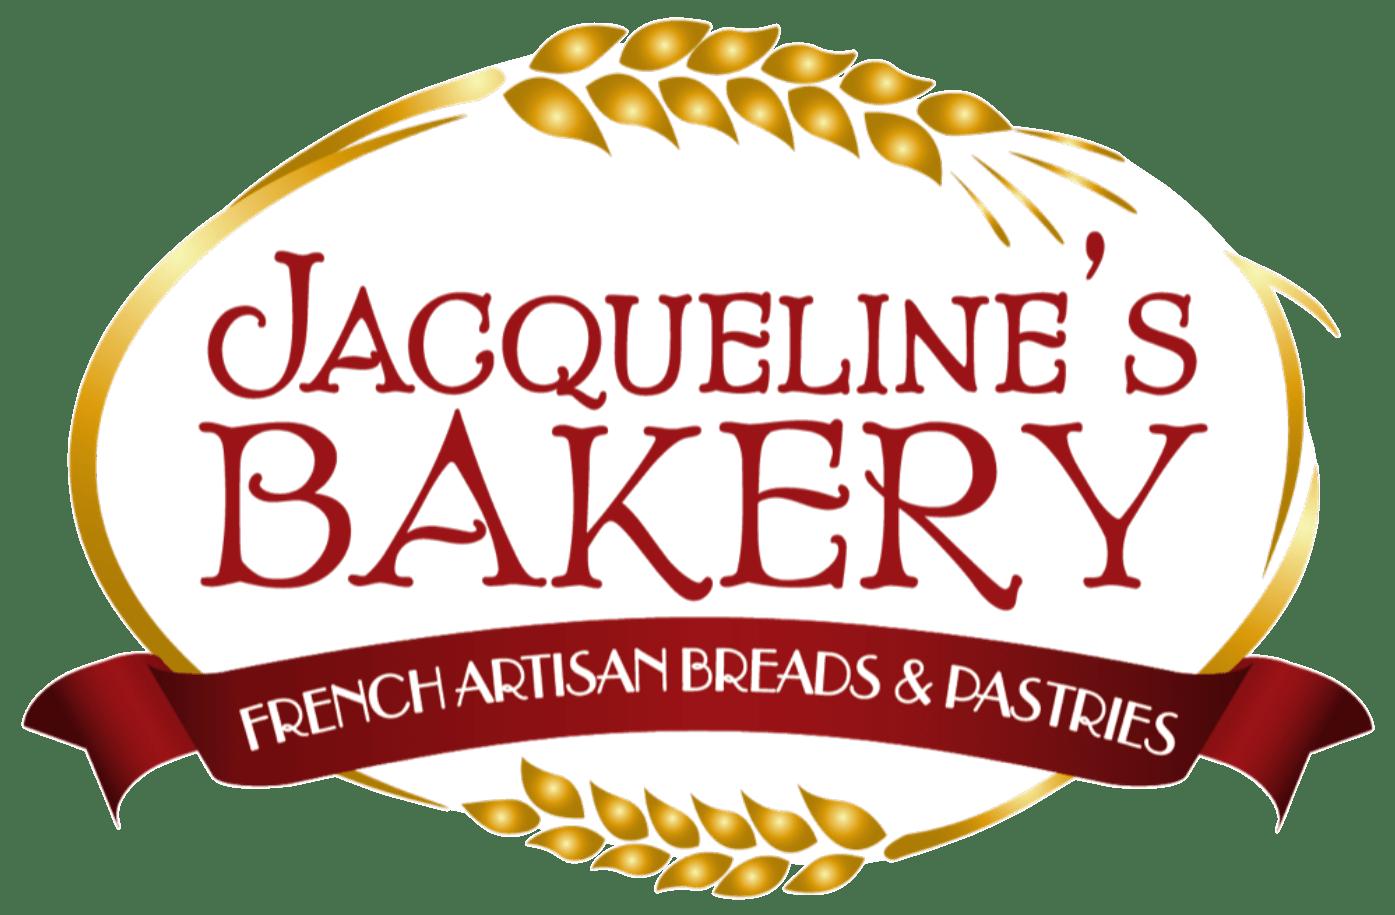 Artisanal Pastries, Bread, & Baked Goods - Jacqueline Bakery